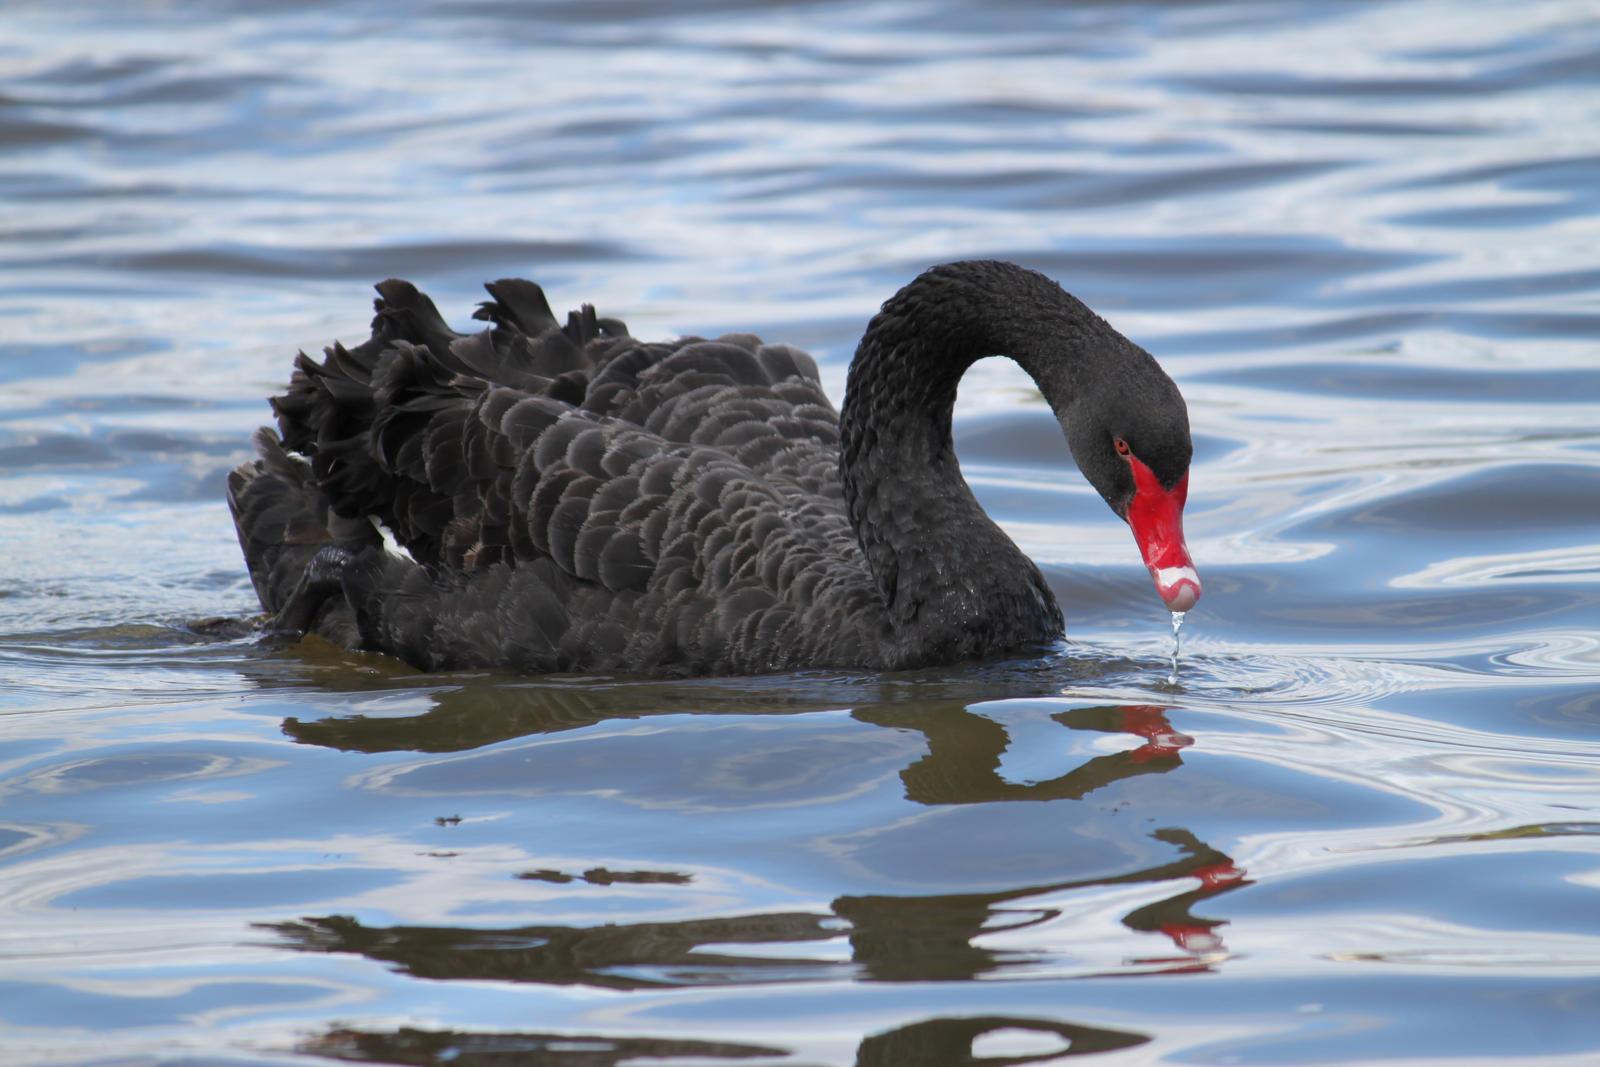 Black Swan by TarJakArt